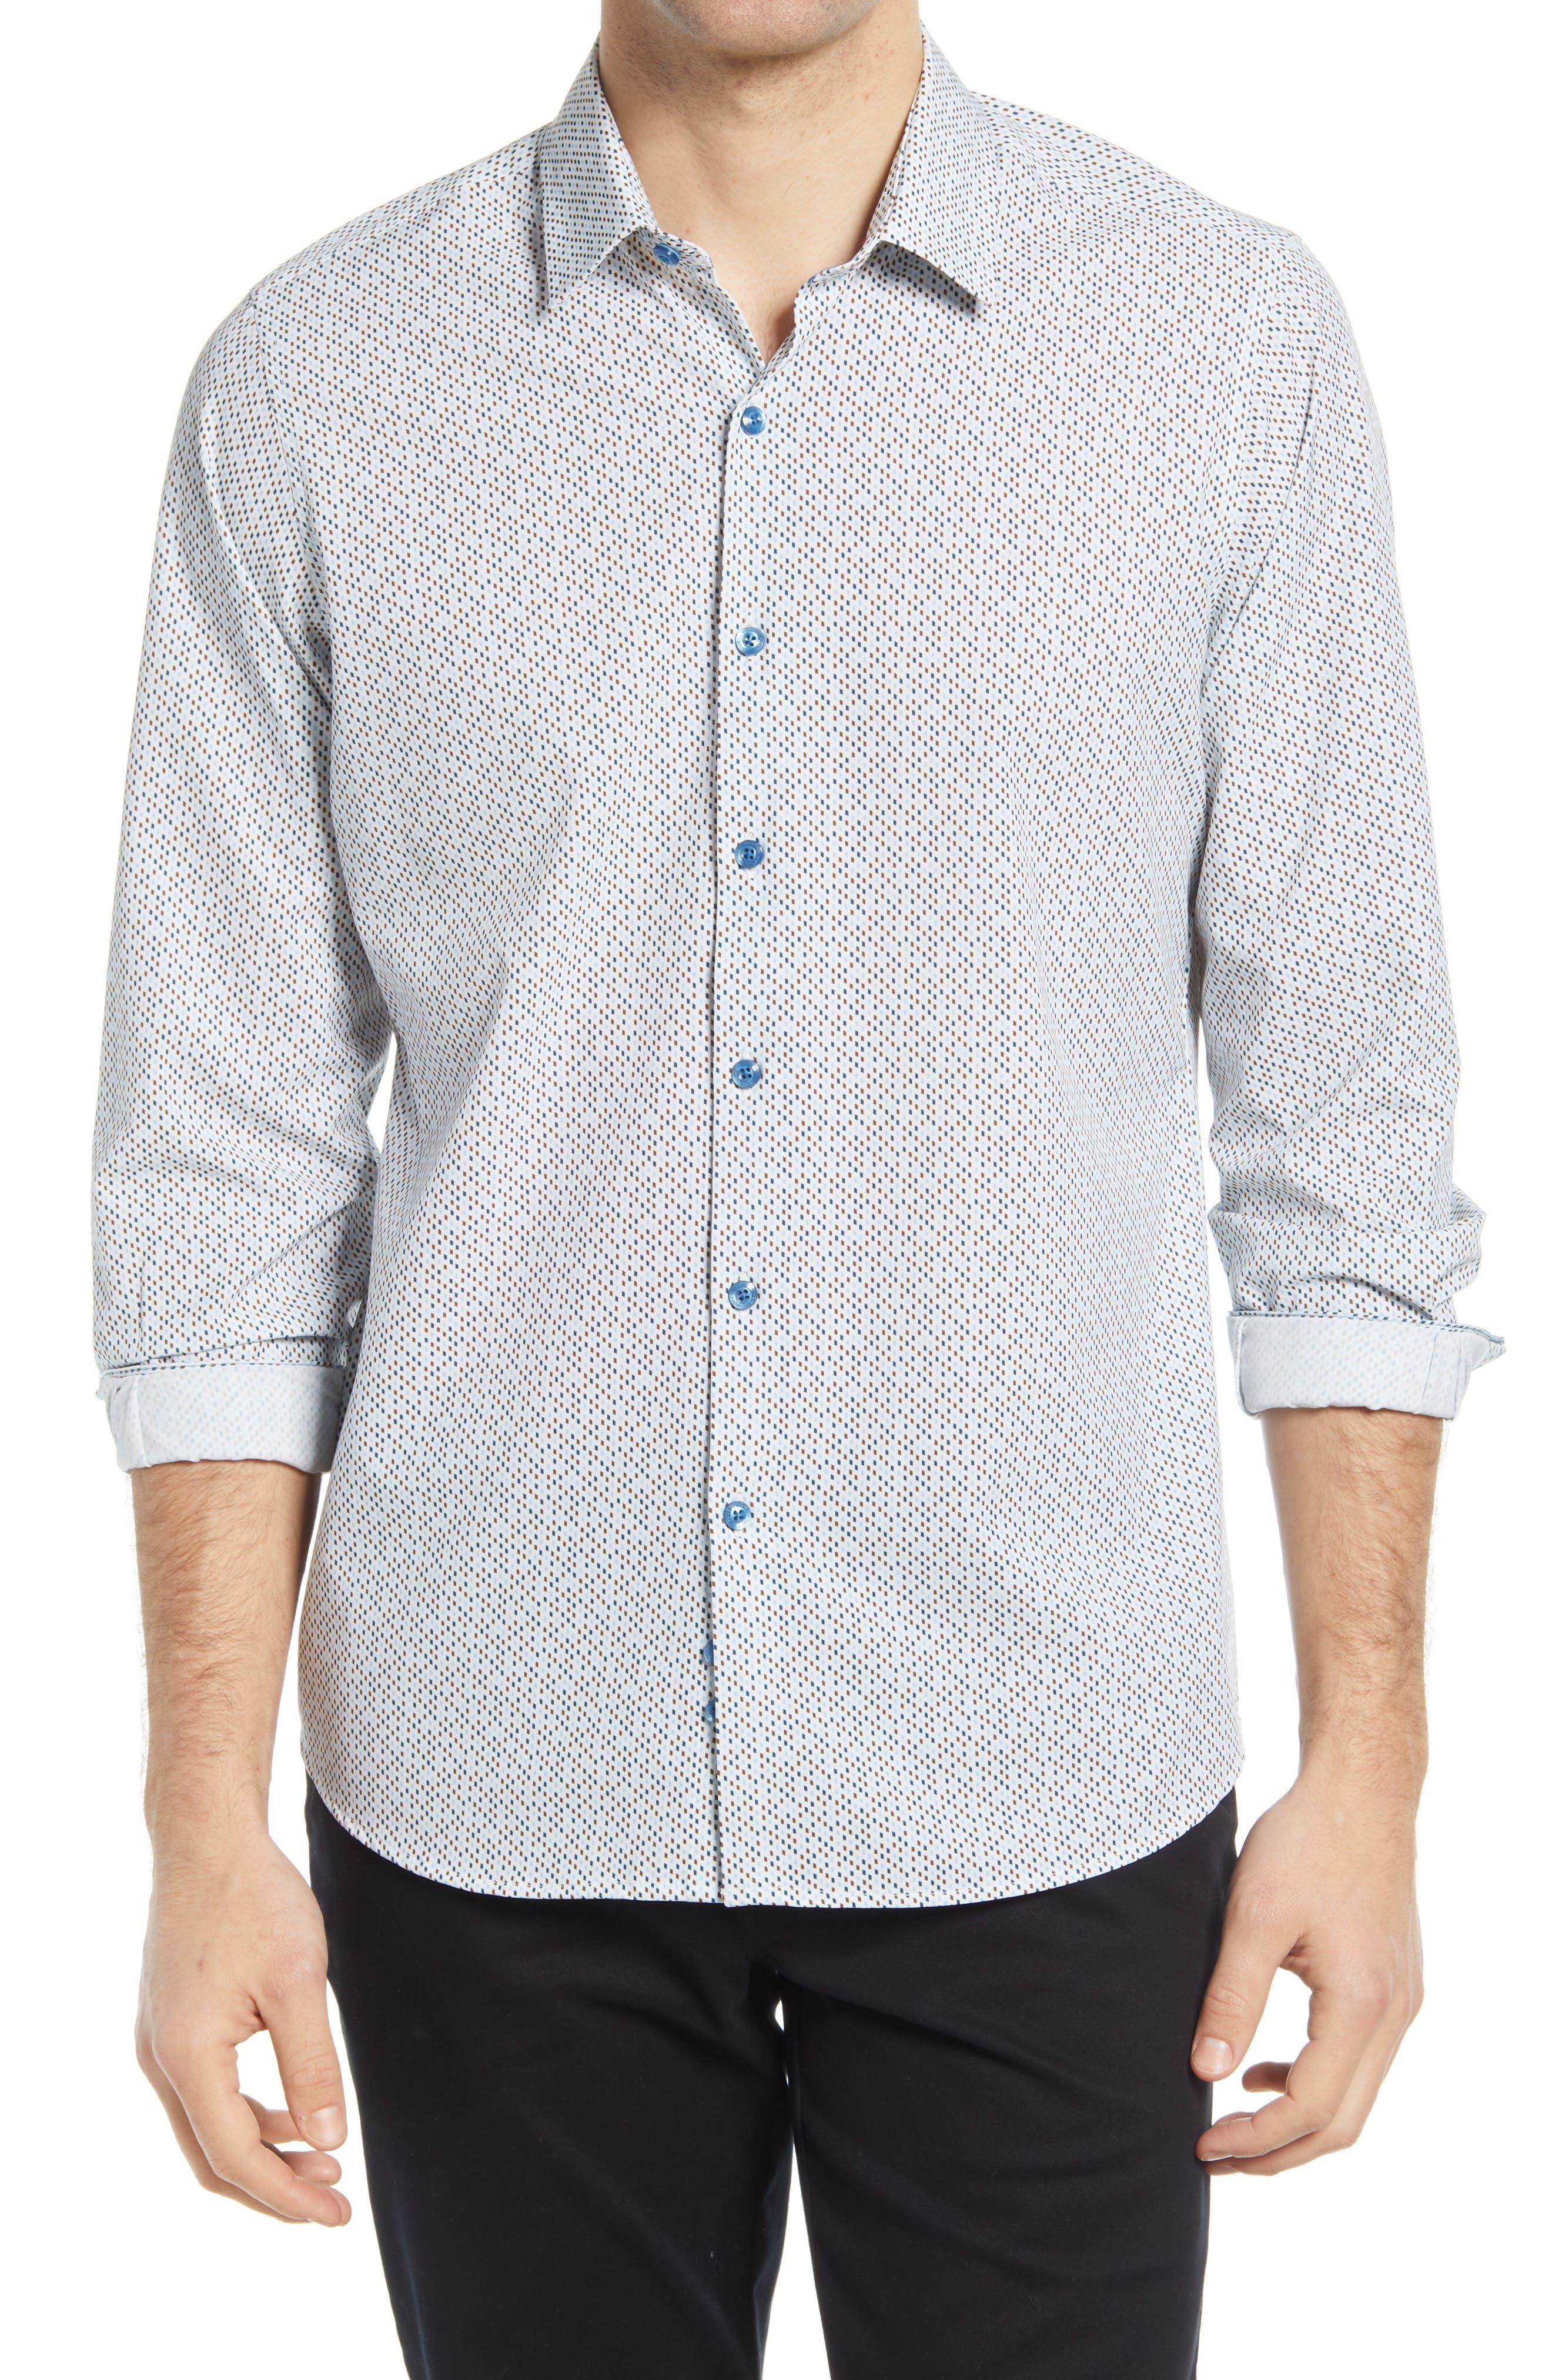 Regular Fit Print Button-Up Shirt